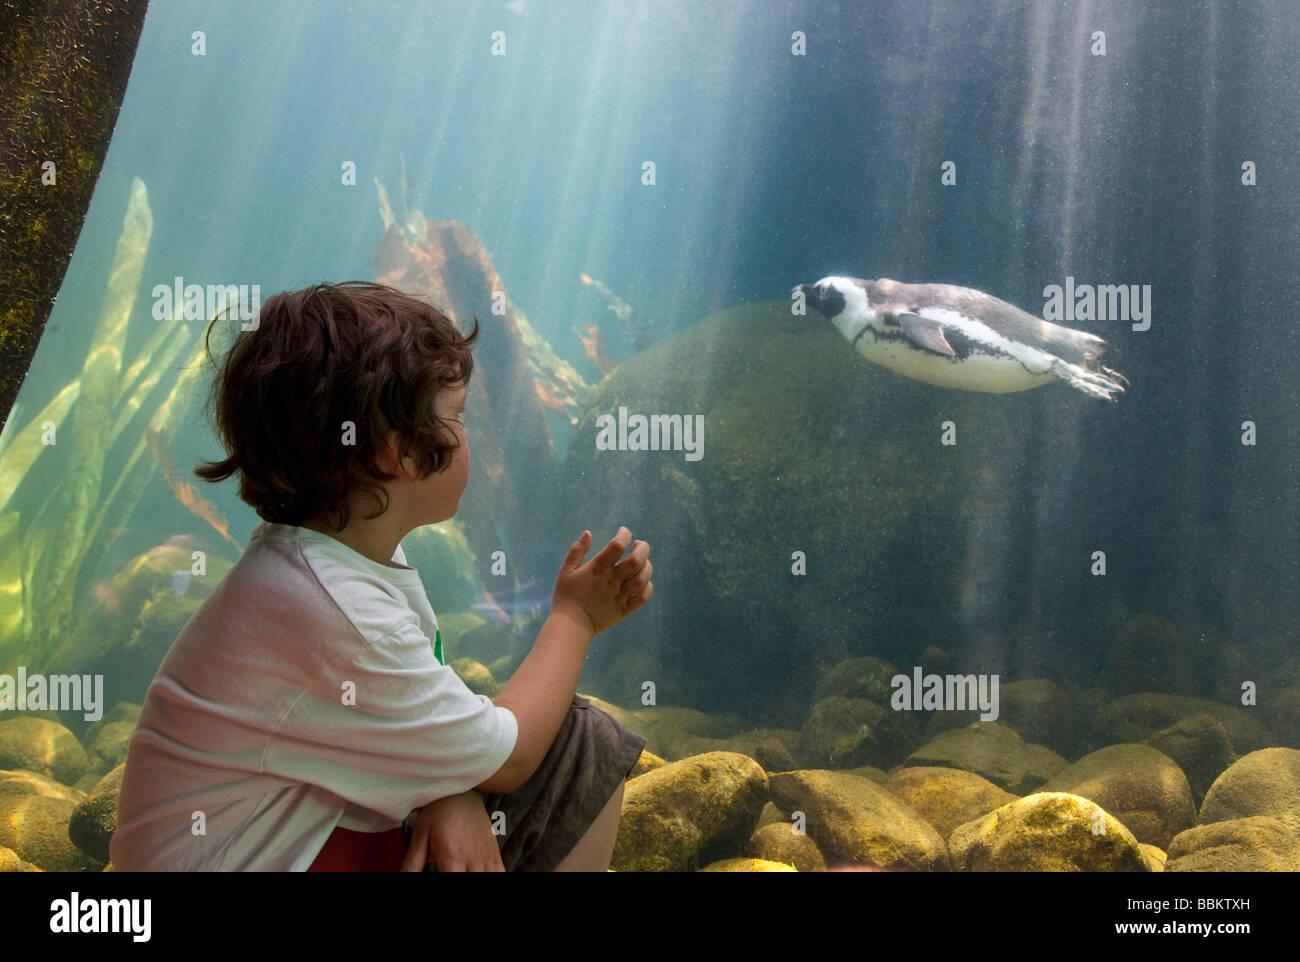 Petit garçon regardant les pingouins dans l'aquarium du zoo avec la lumière du soleil. Photo Stock